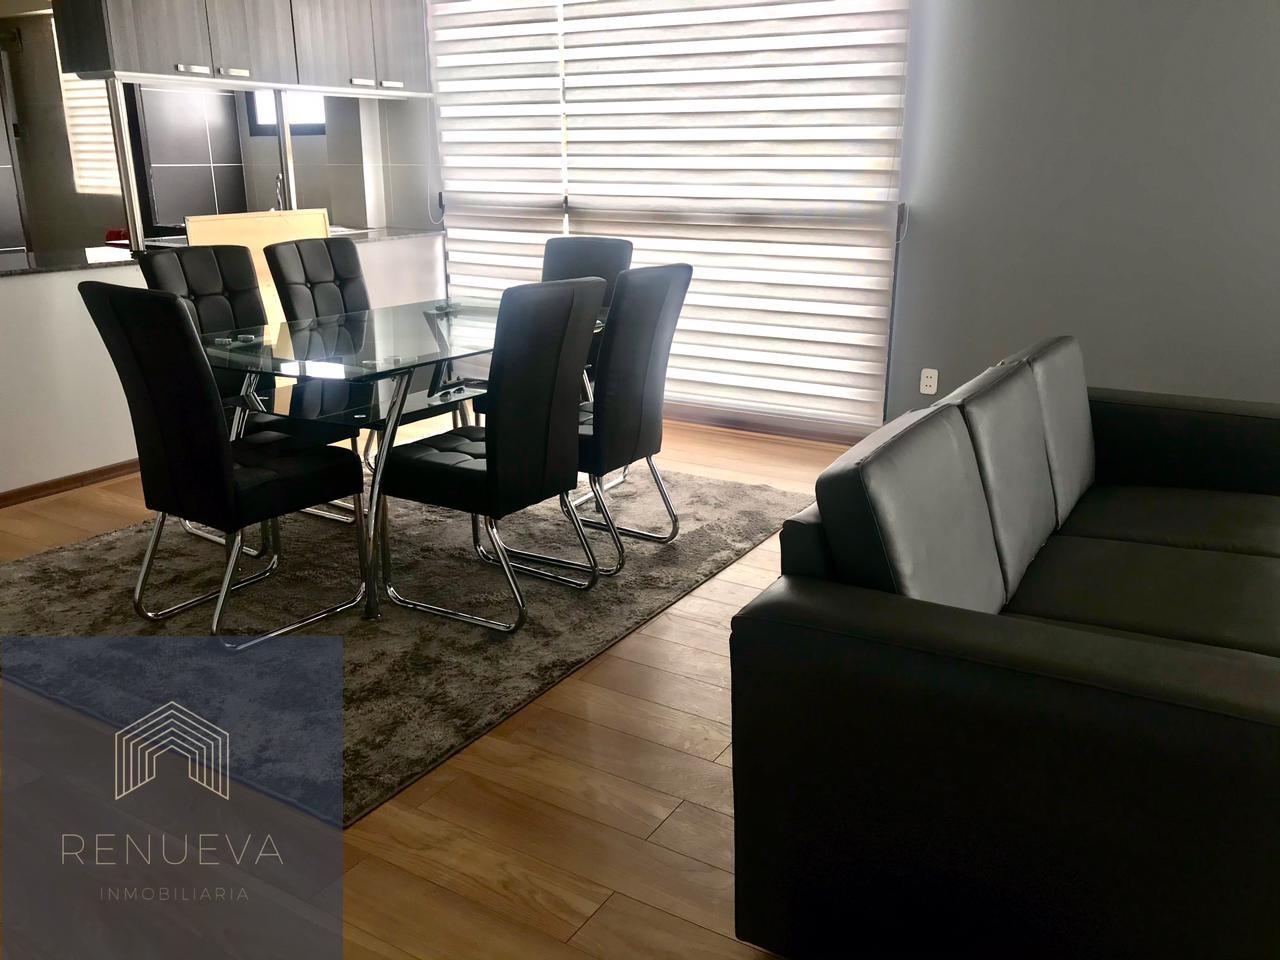 Departamento en Alquiler HERMOSO DUPLEX DE LUJO EN ALQUILER ACHUMANI Foto 5